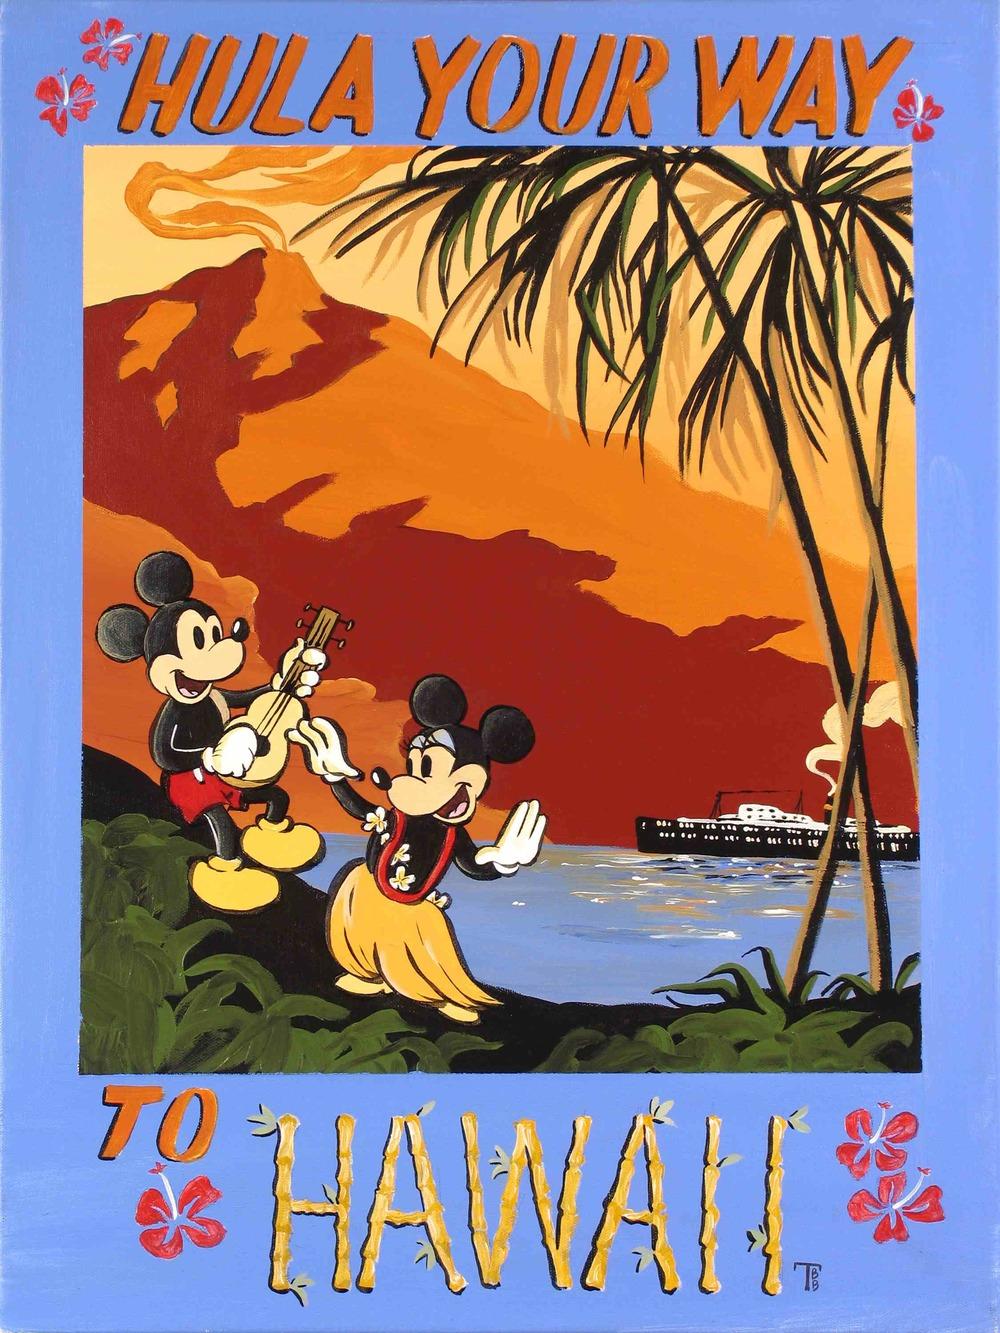 For Disney Fine Art